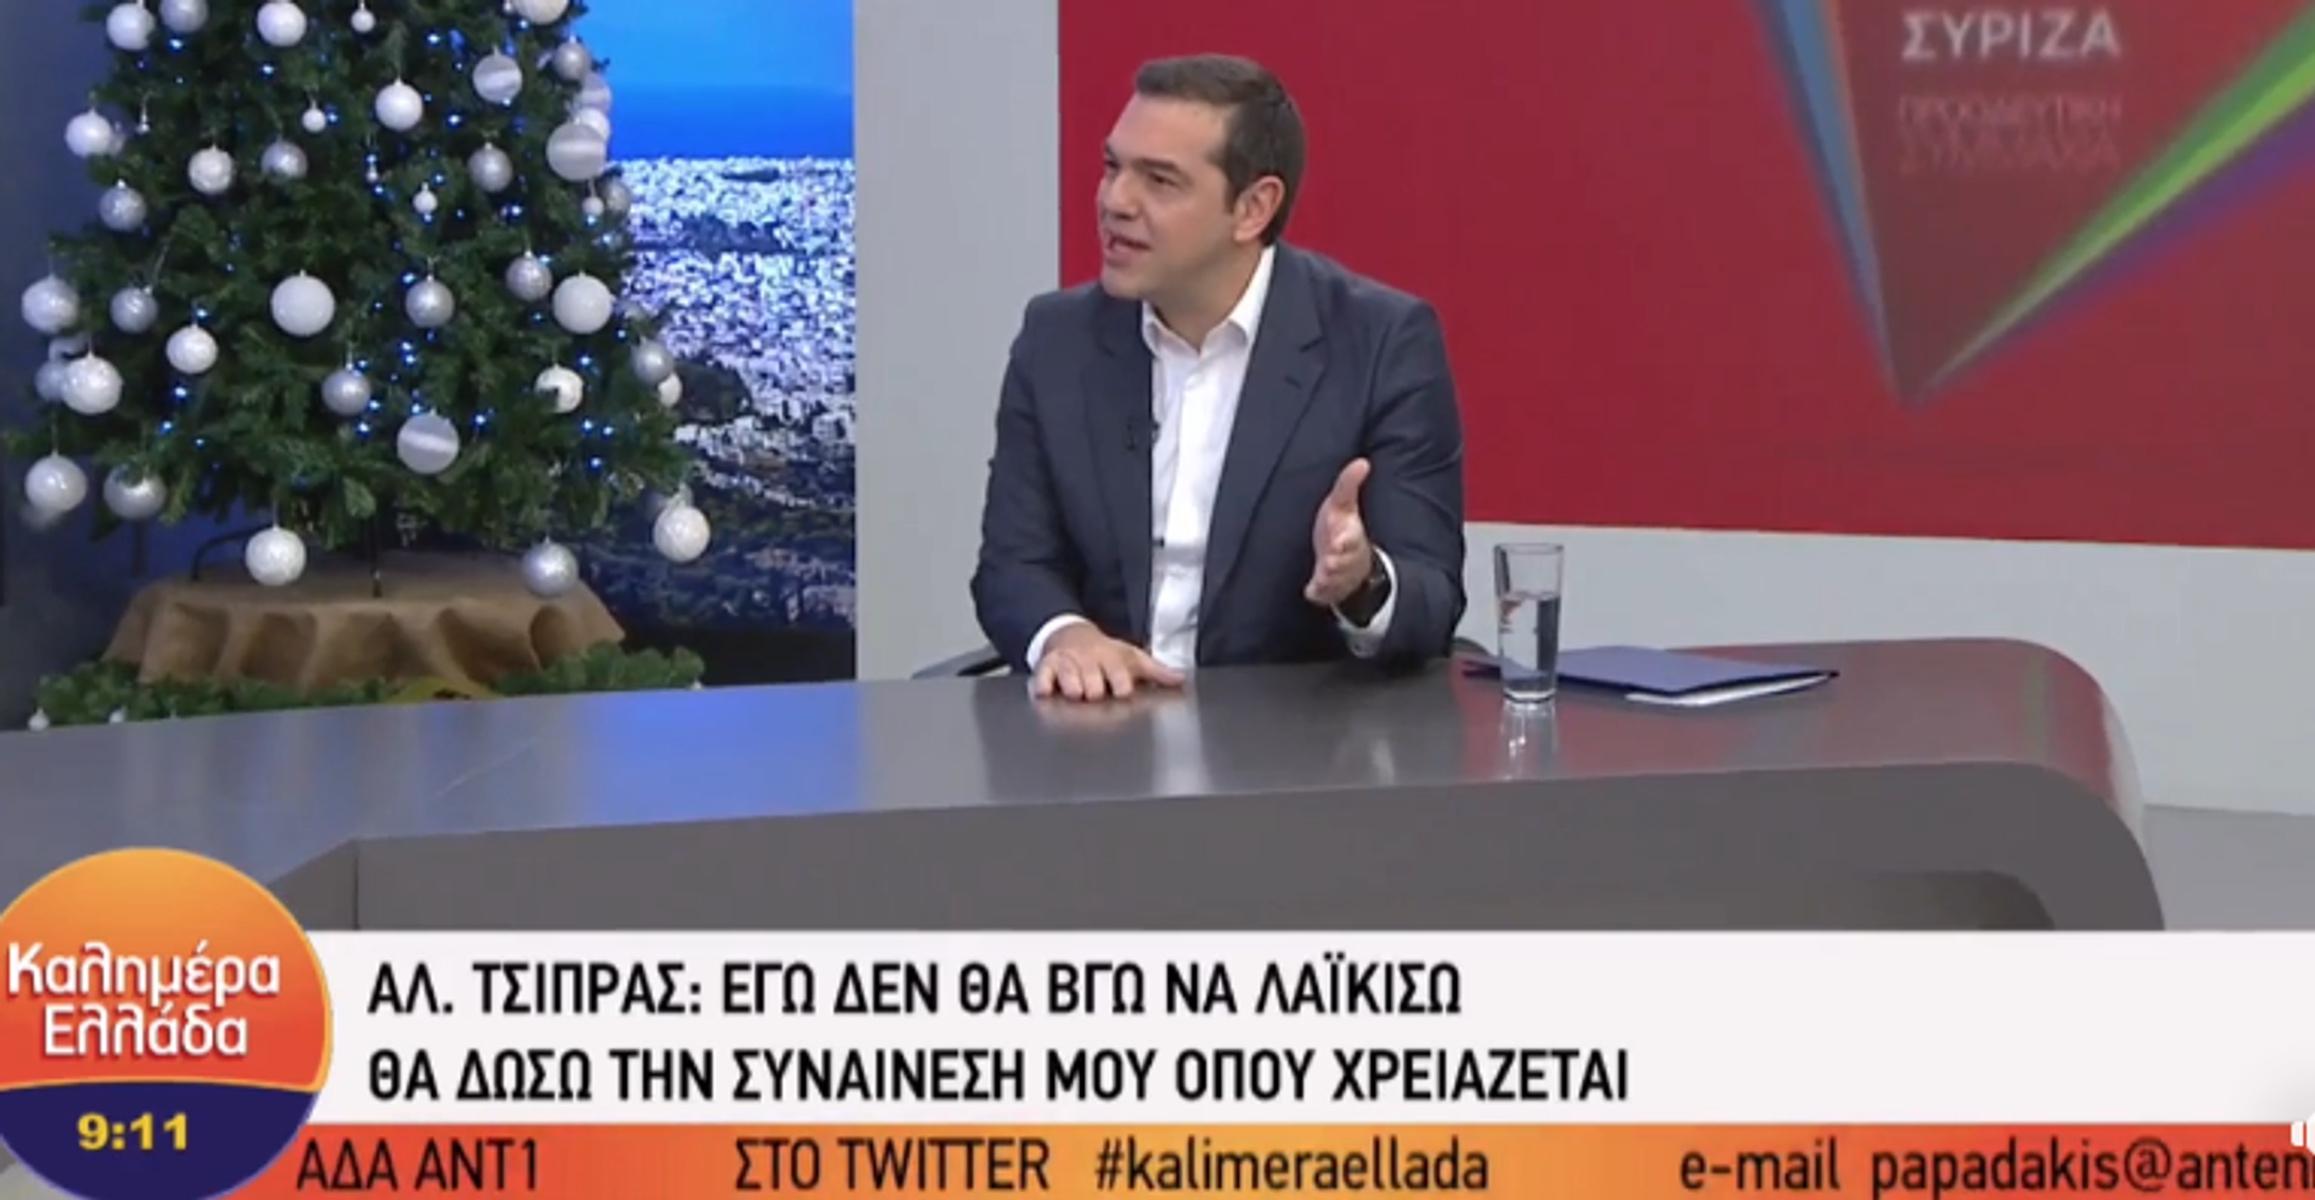 Τσίπρας στον ΑΝΤ1: Και εμείς αδειάσαμε καταλήψεις αλλά όχι έτσι